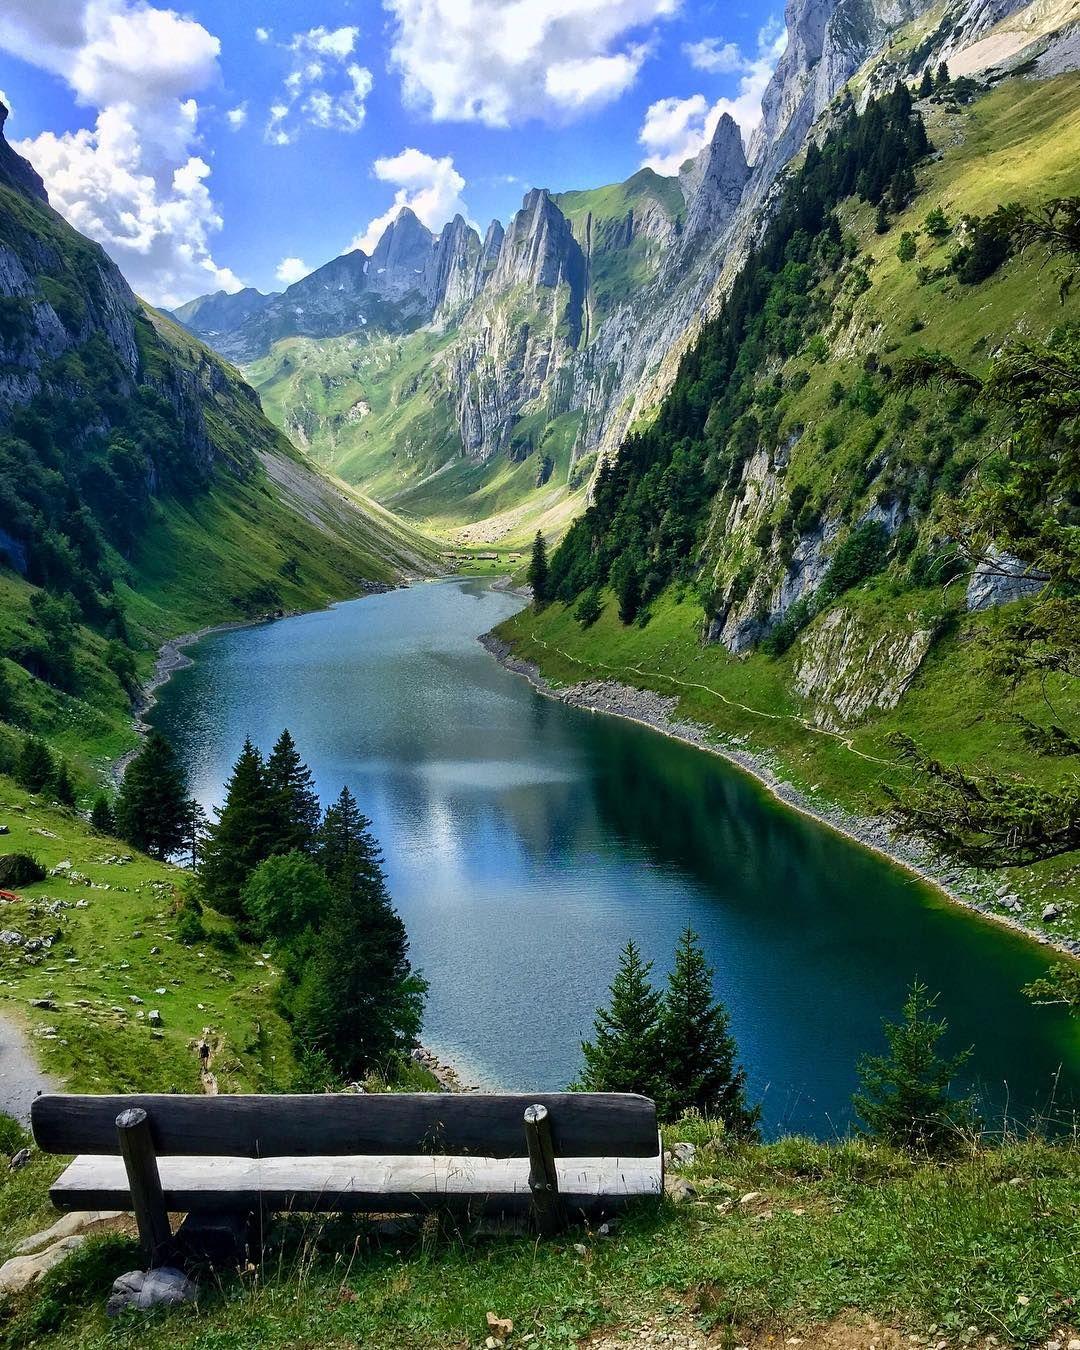 Schoene Bilder: Naturbilder, Landschaftsbilder, Schöne Landschaften